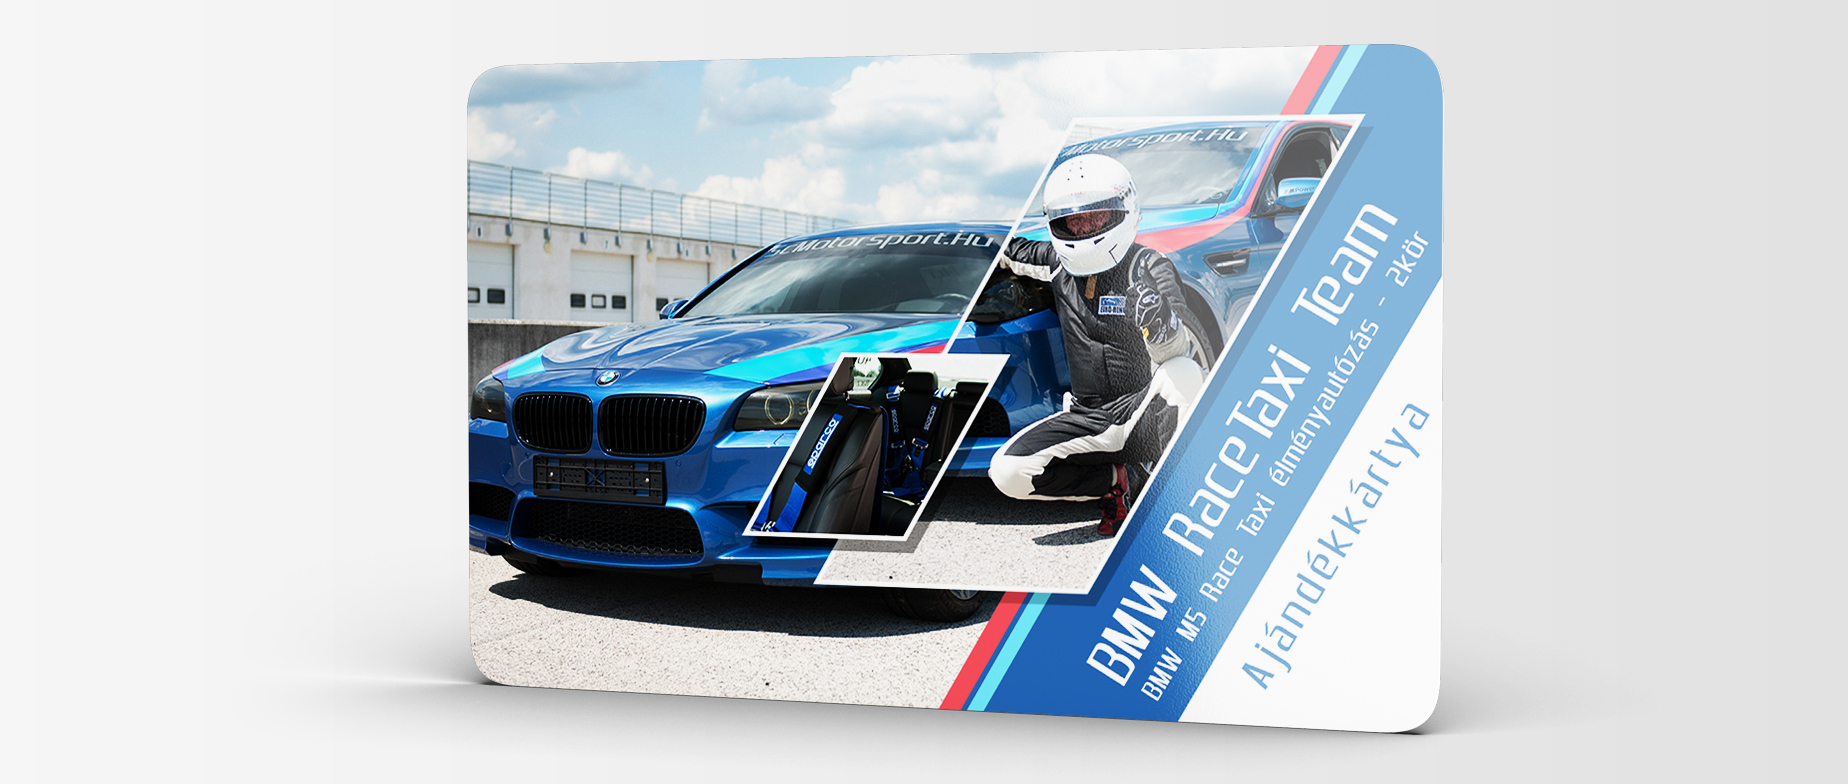 BMW M5 Race Taxi élményautózás utasként profi pilóta mellett Euroringen